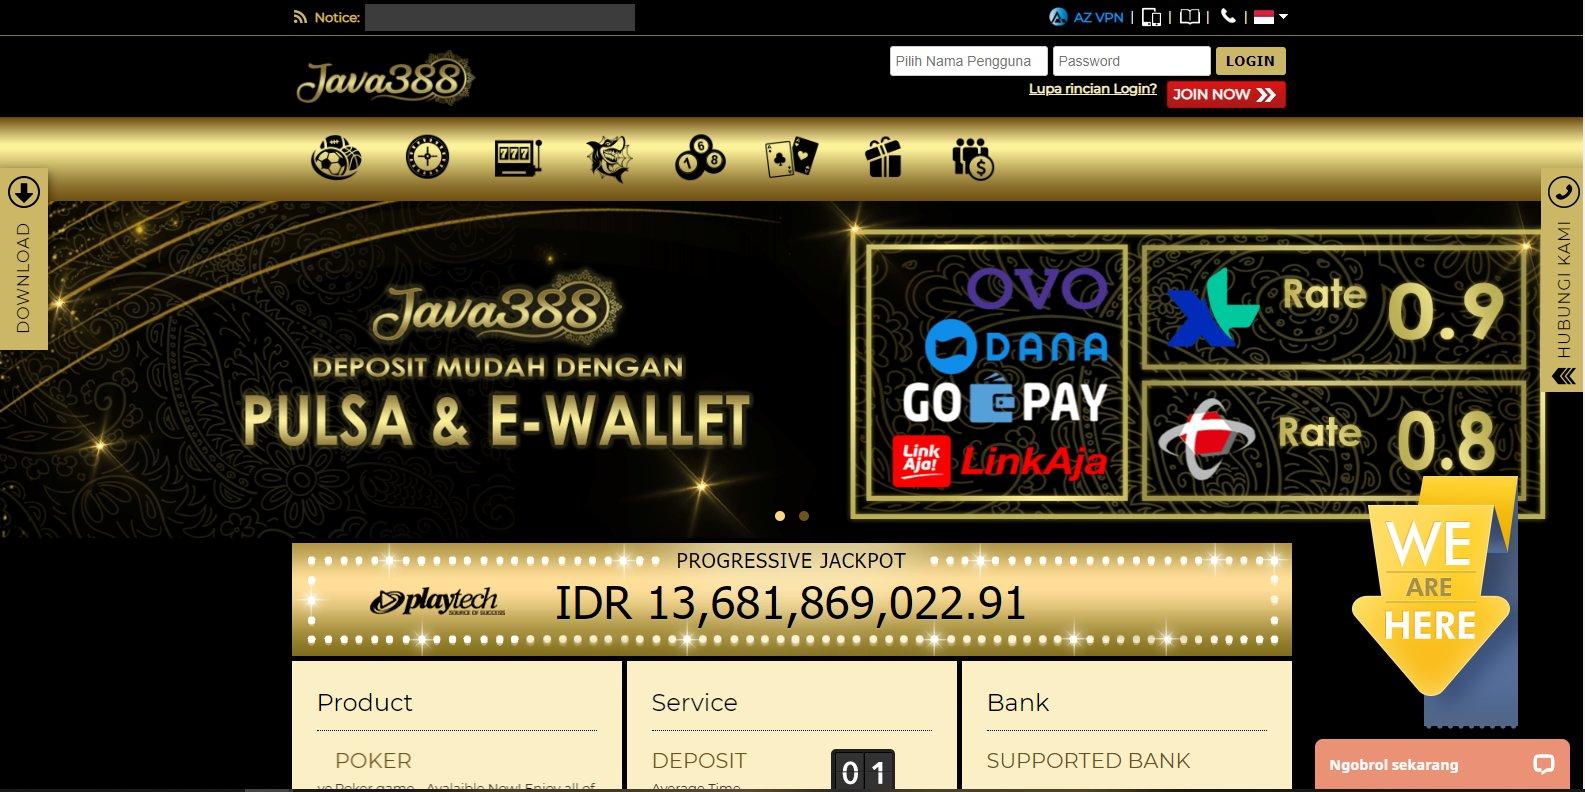 Java388 Penyedia Permainan Slot Online Terbaik Gudang Judi Online Idn Terpercaya Gudang Slot Online Idn Terpercaya